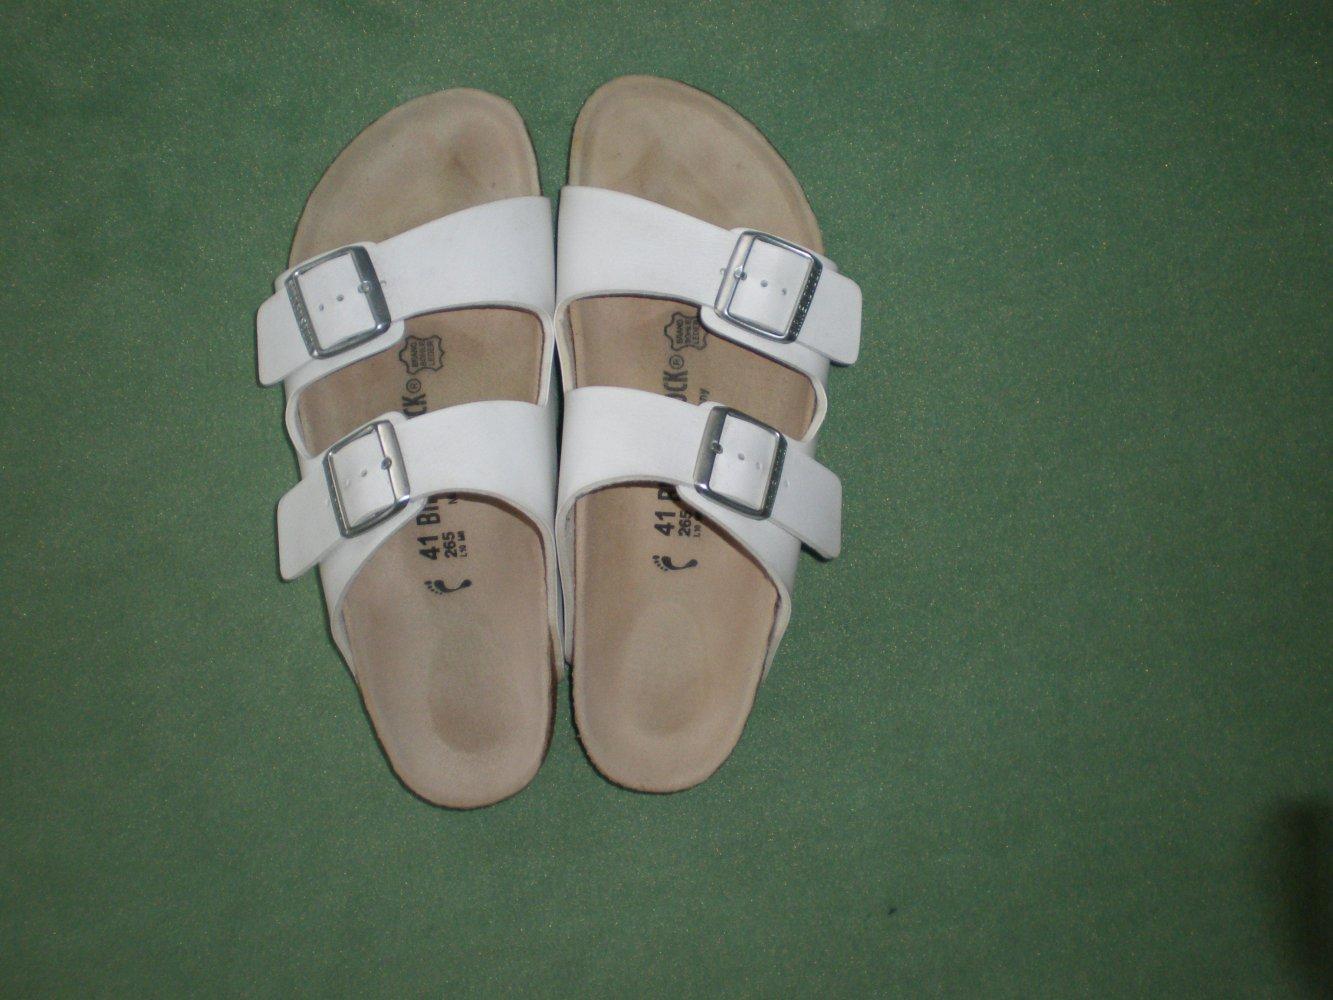 separation shoes ed9cf e6401 Birkenstock Arizona weiß, Größe 41, schmal